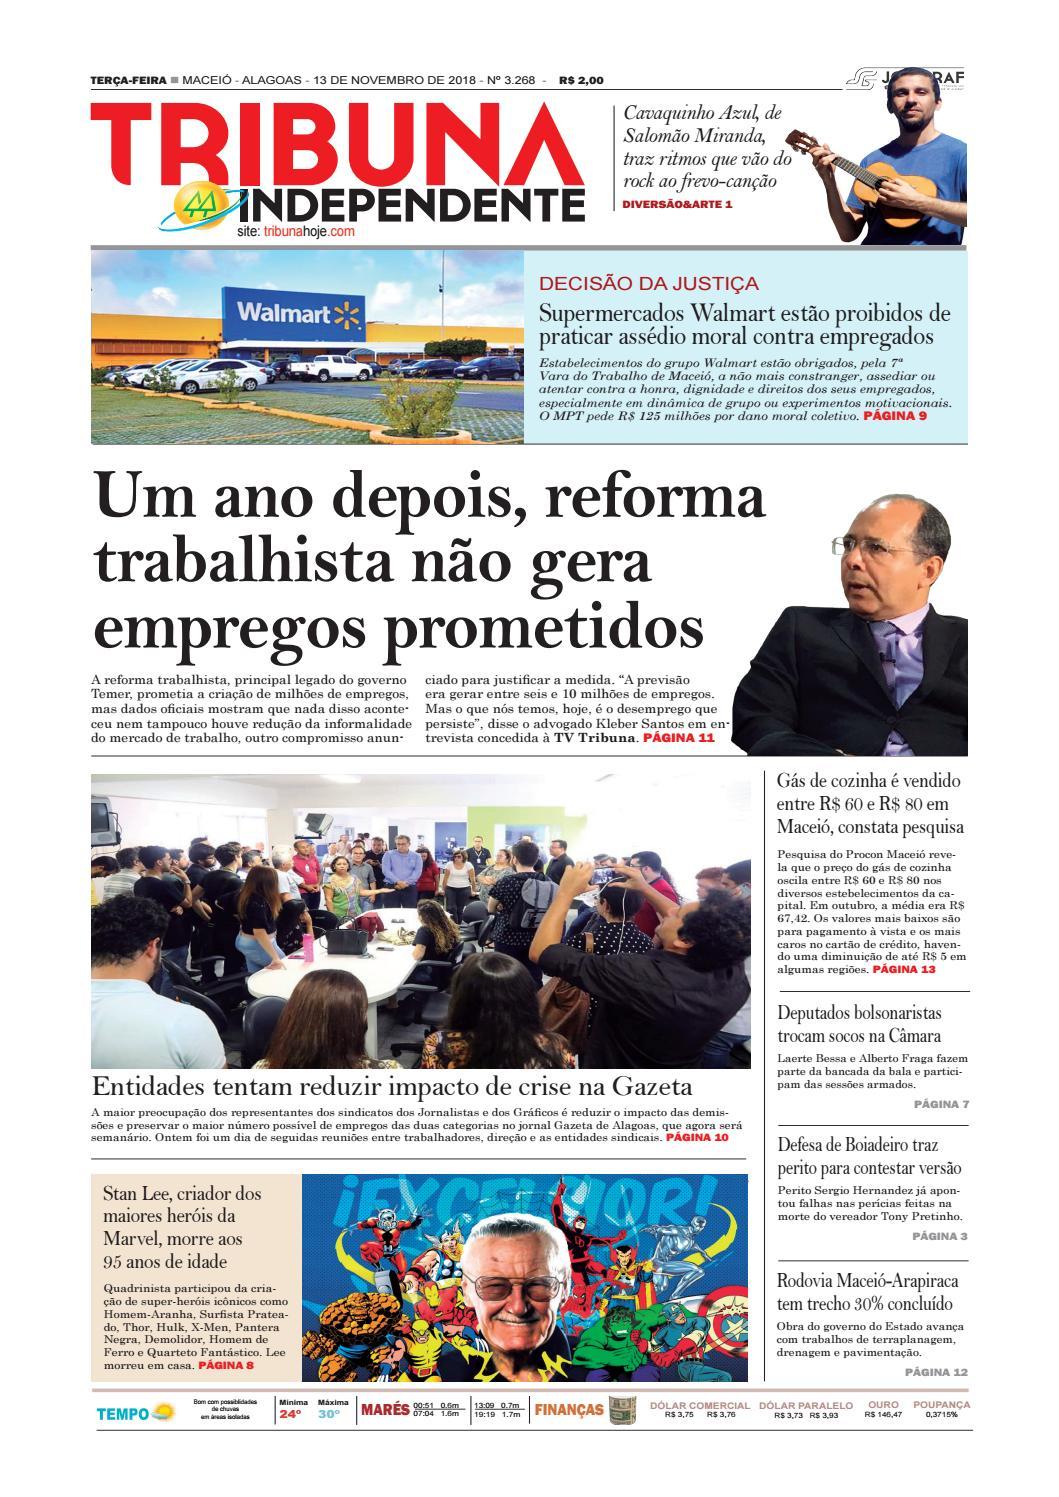 e022b62a3e3 Edição número 3268 - 13 de novembro de 2018 by Tribuna Hoje - issuu